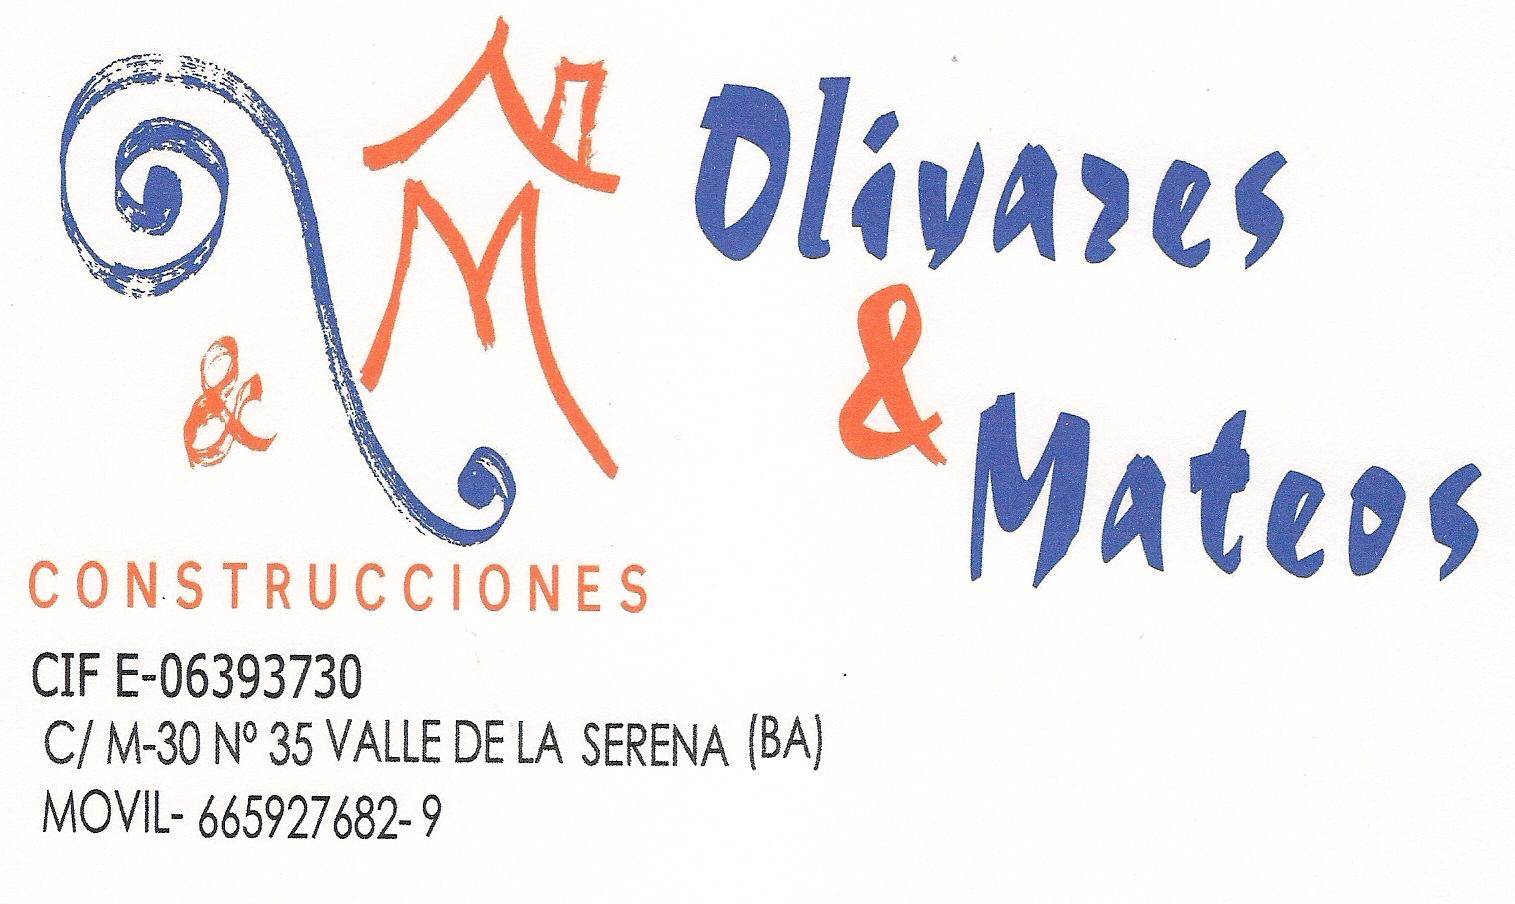 Construcciones Olivares y Mateos